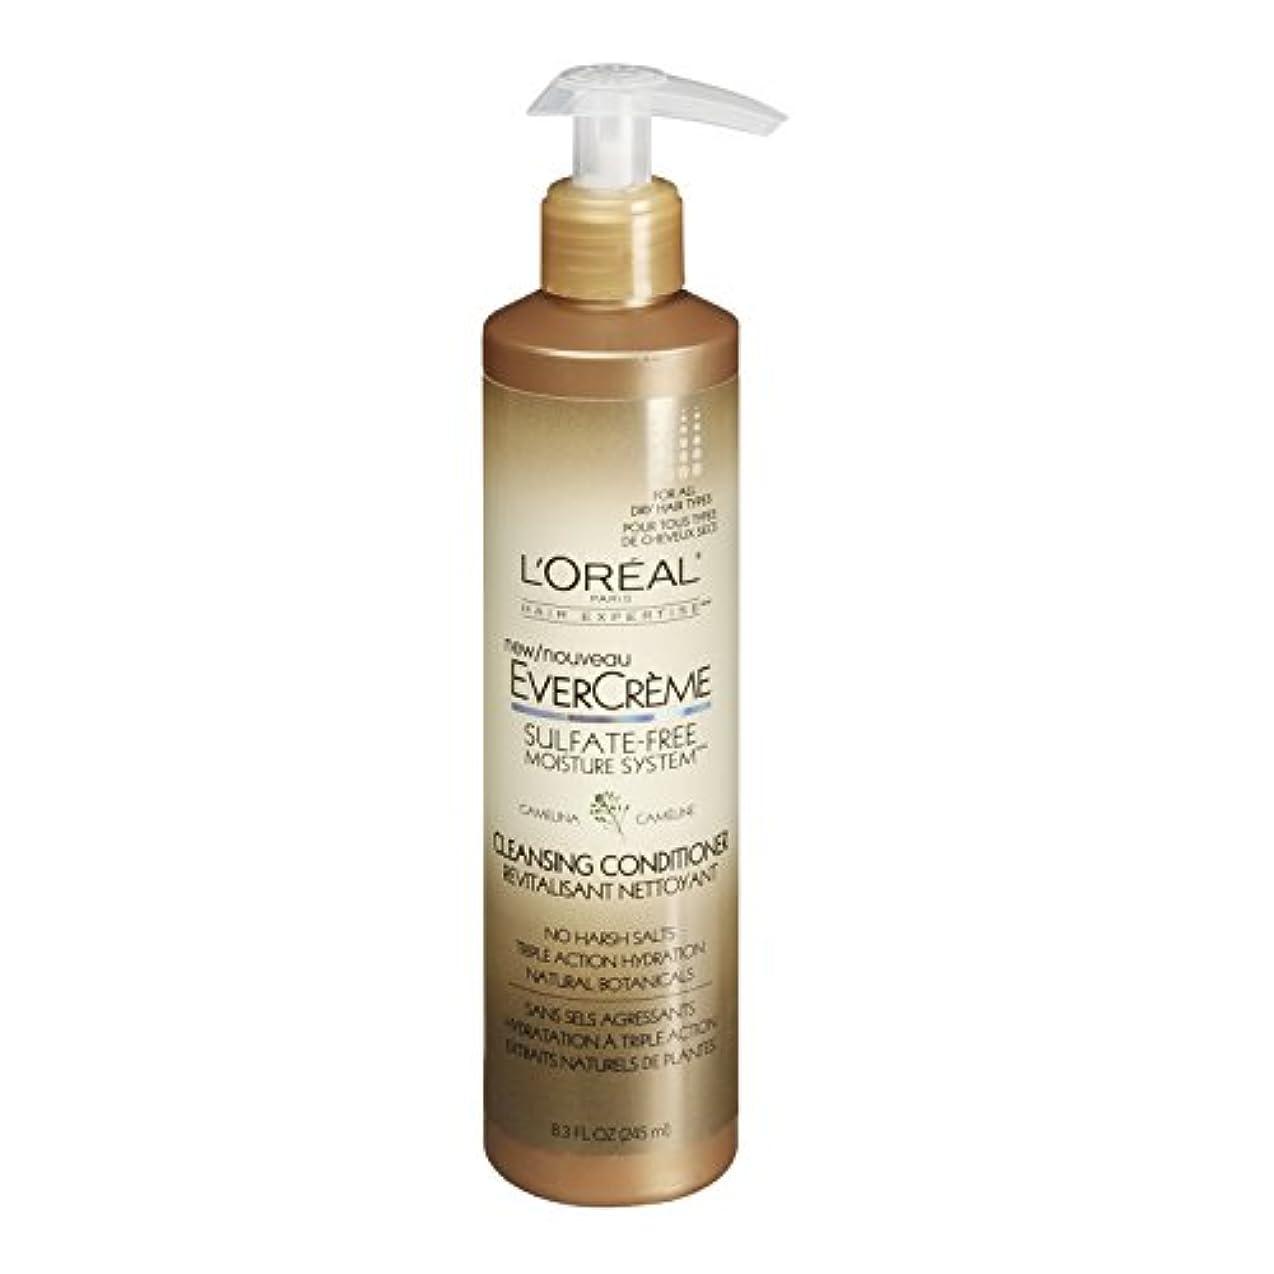 脱走免疫おとこL'Oreal Paris EverCreme Sulfate-Free Moisture System Cleansing Conditioner, 8.3 fl. Oz. by L'Oreal Paris Hair...